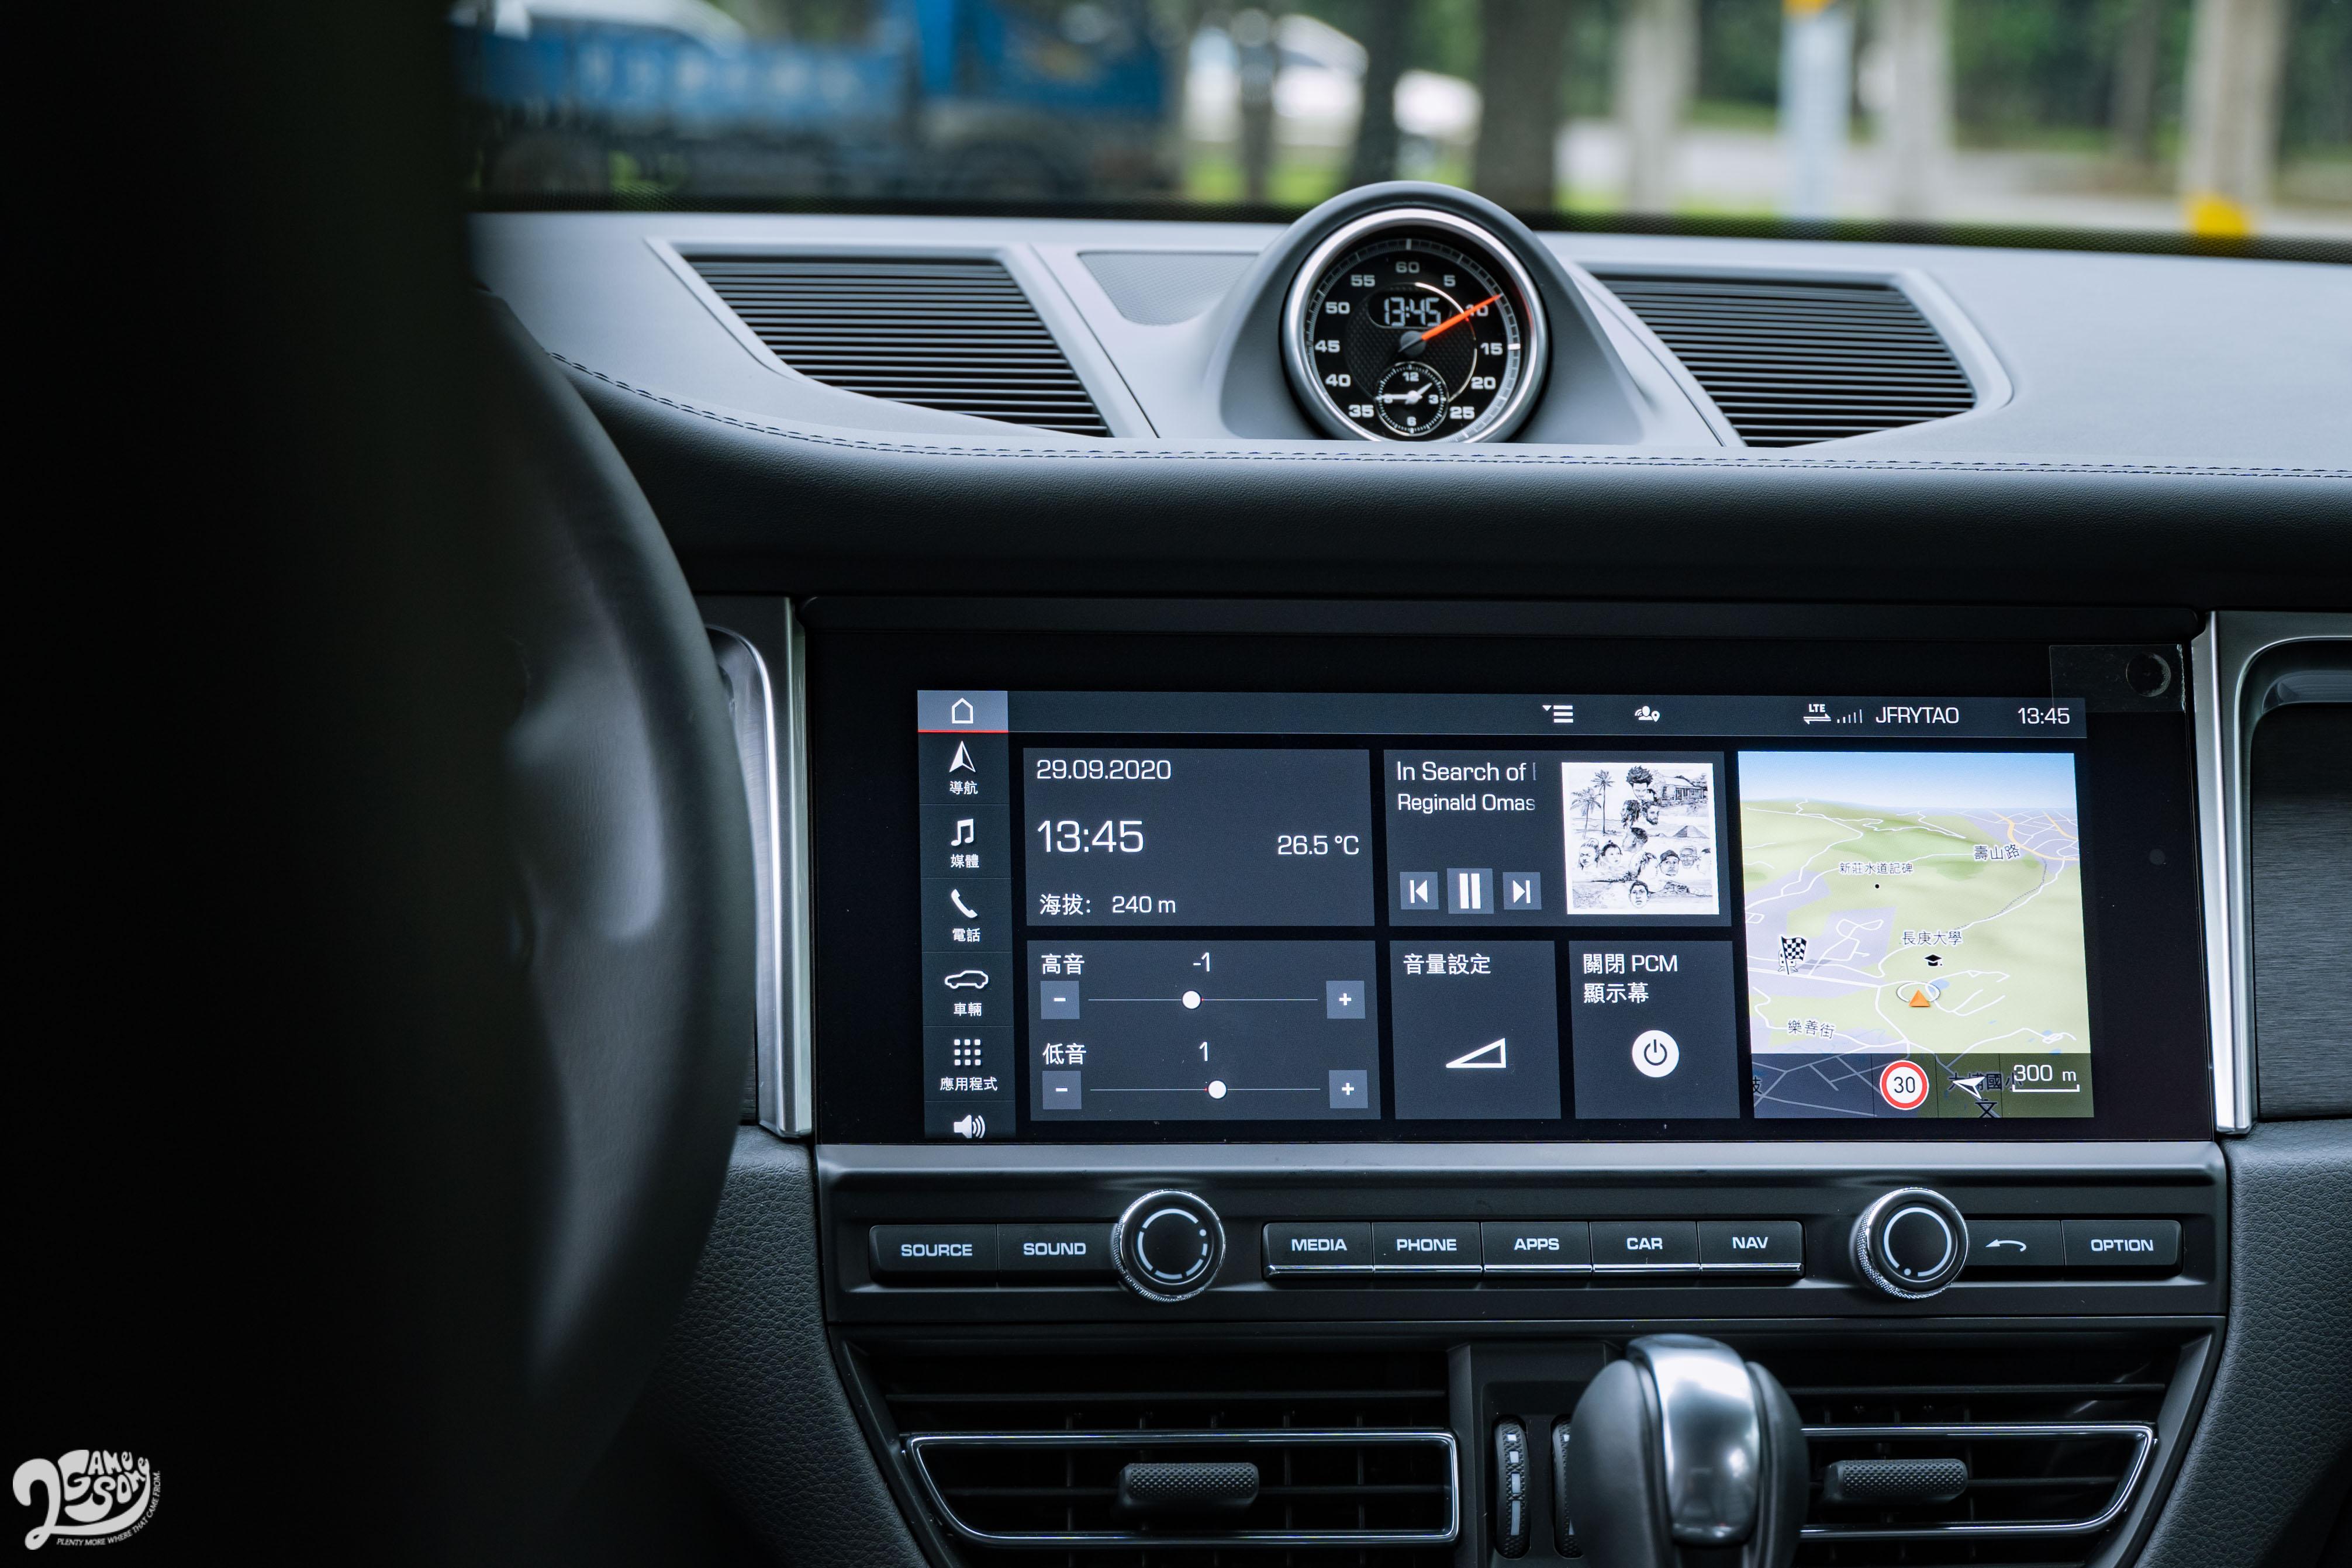 標配 10.9 吋 PCM 通訊管理系統。Apple CarPlay 需另外選配。